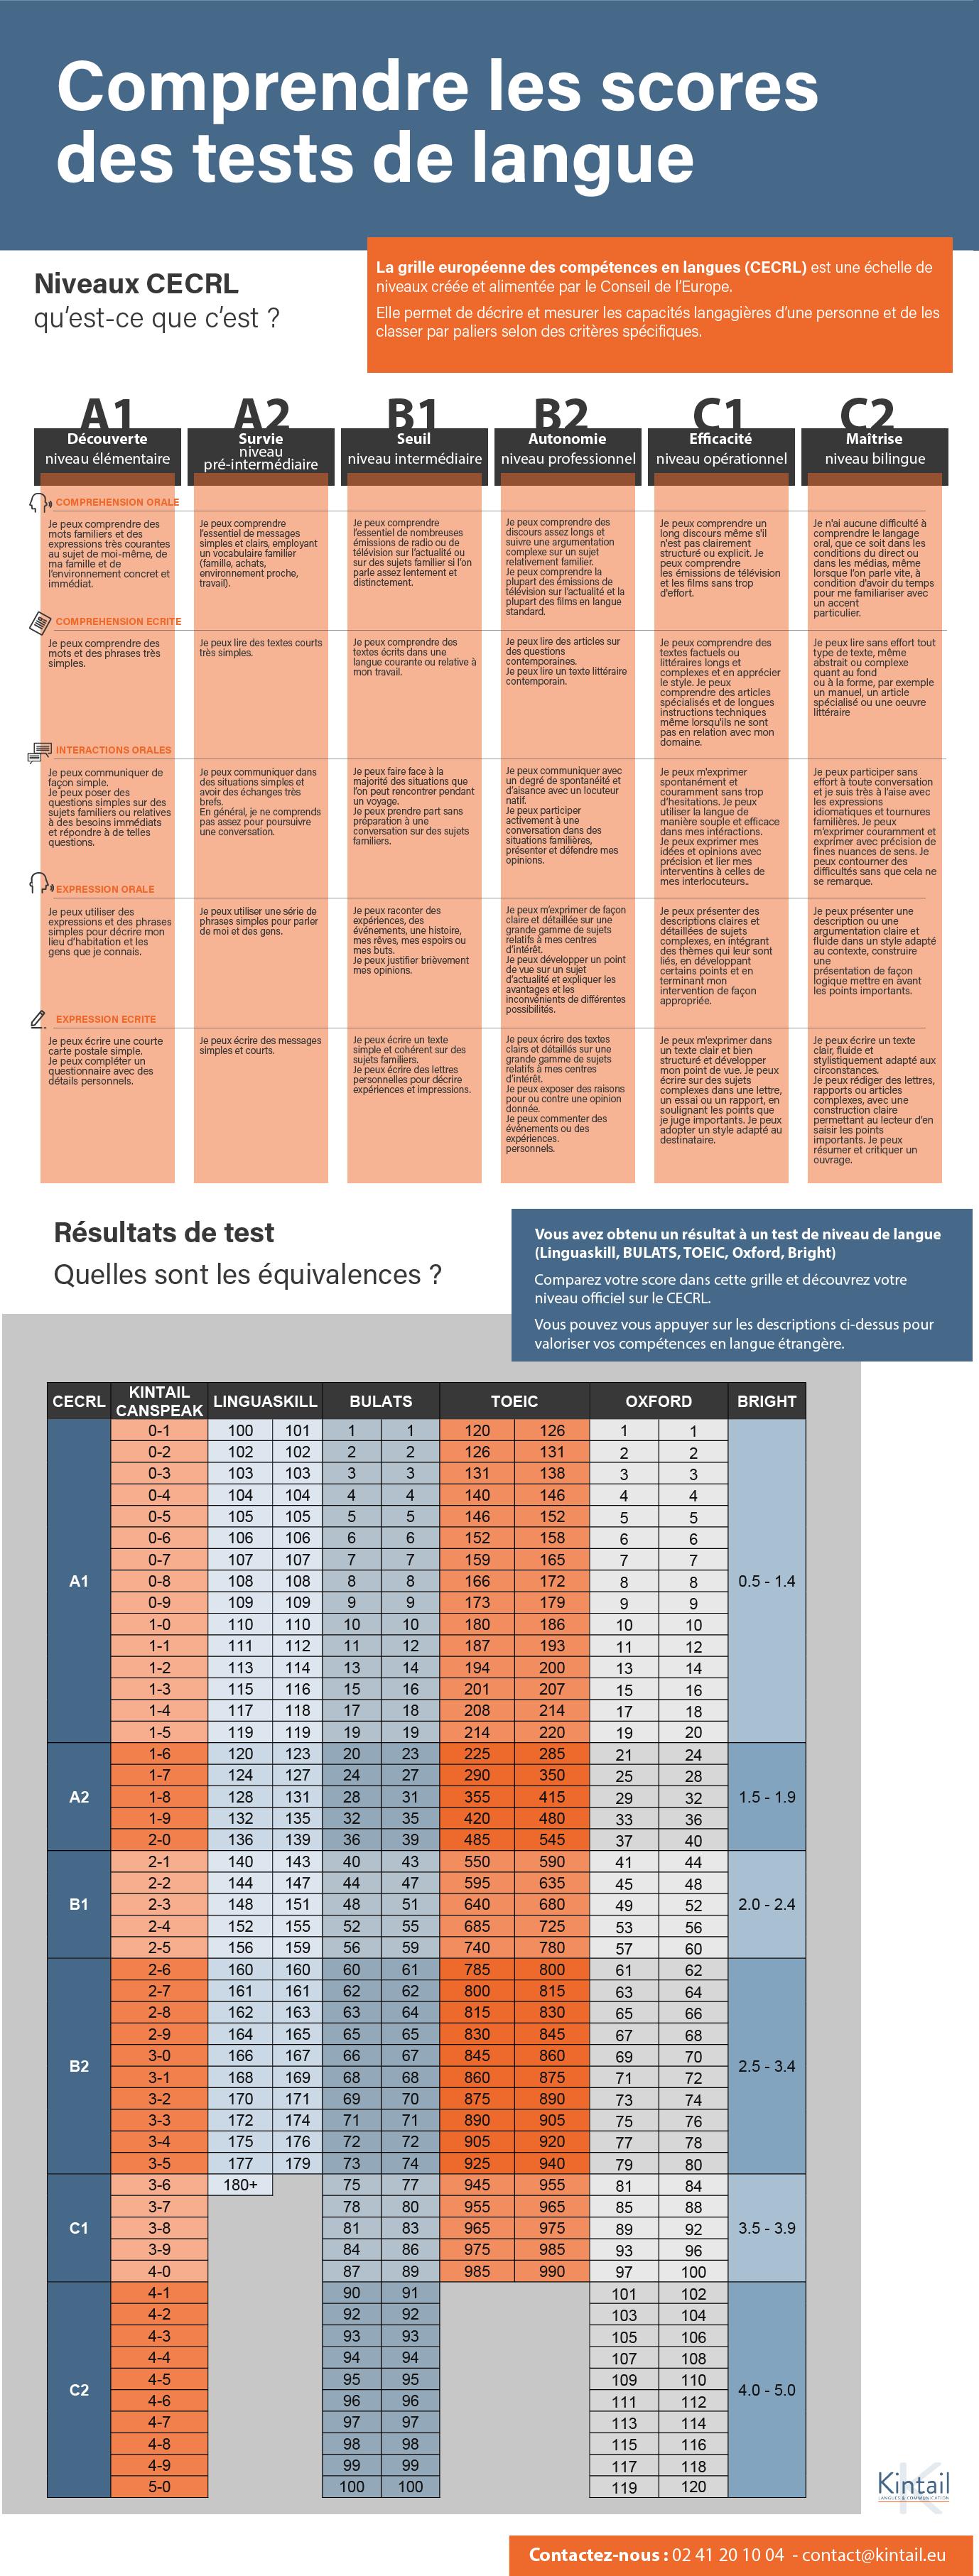 Comprendre les scores de tests en langues - niveaux CECRL